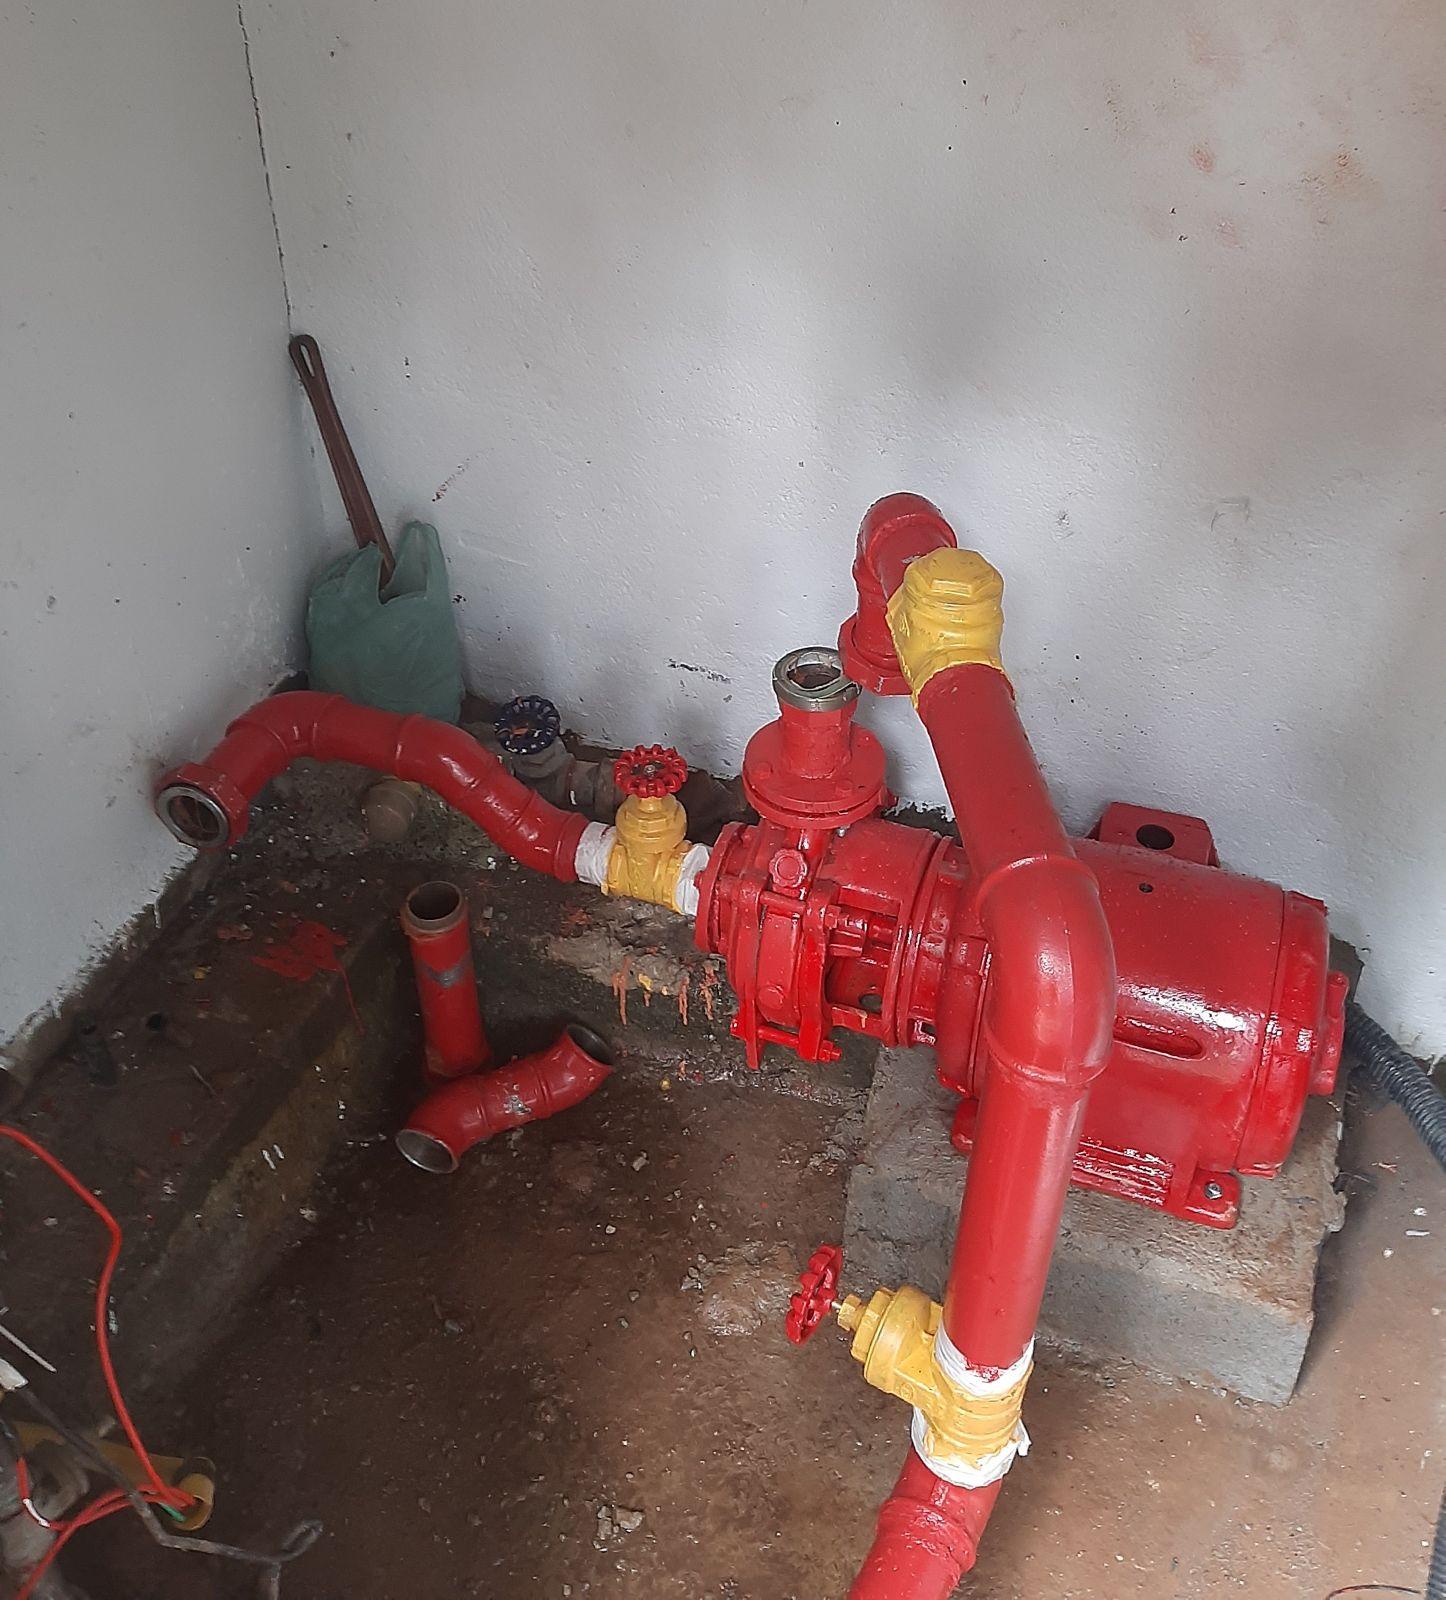 instalação do barrilete da Bomba de incêndio.